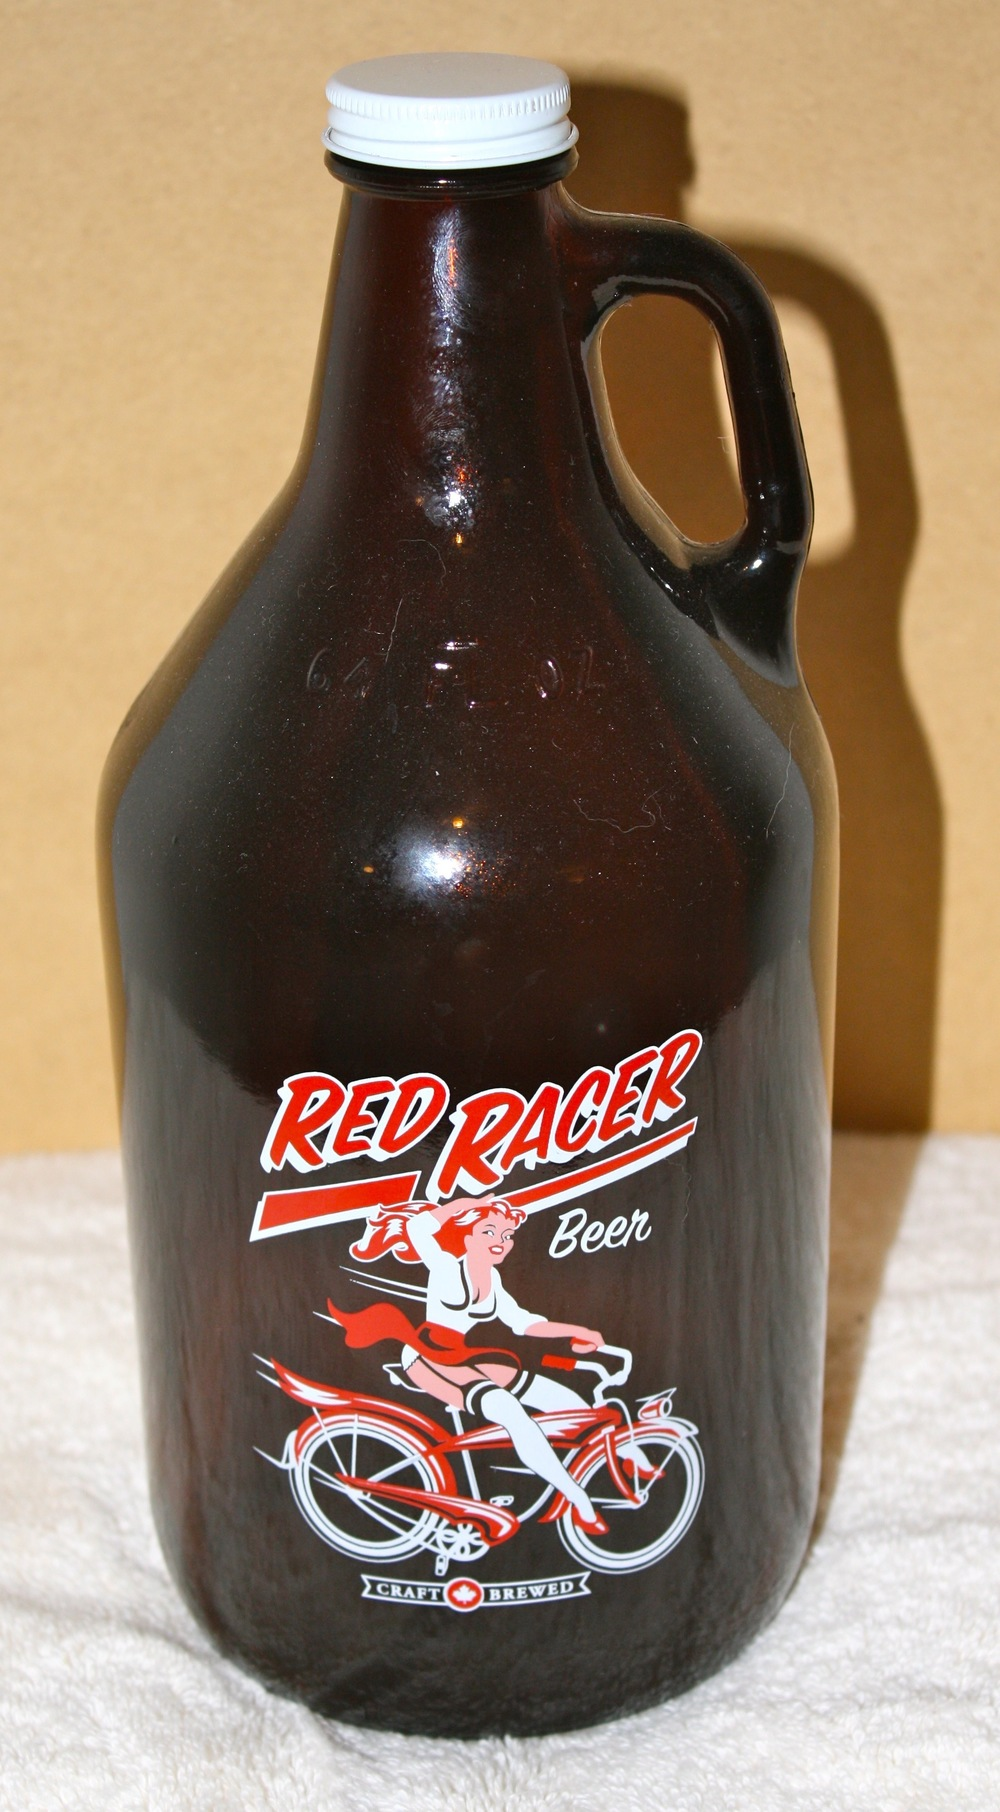 GR - Central City Red Racer (BC).jpg